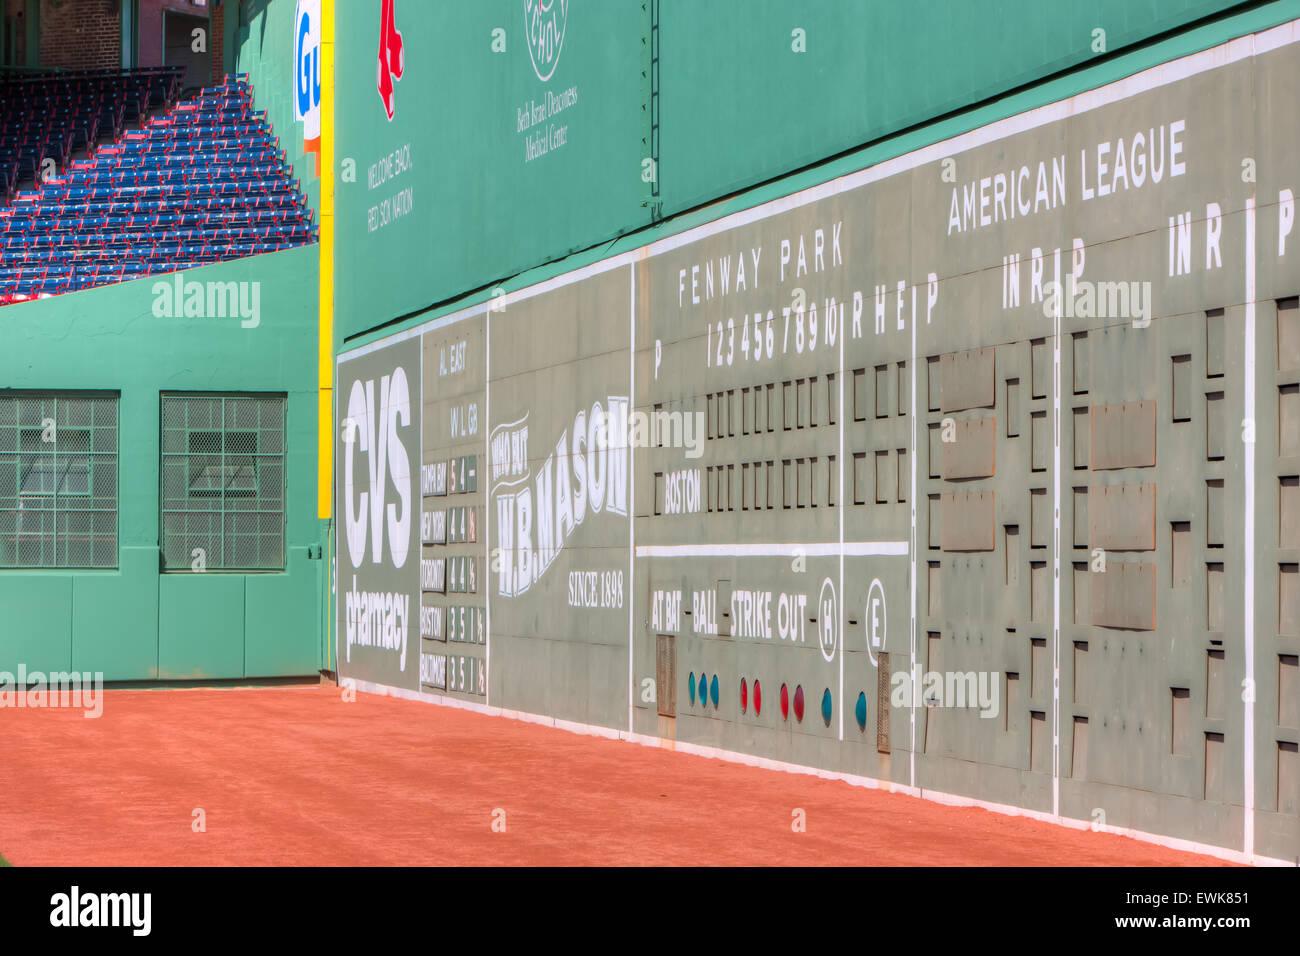 El monstruo verde, la famosa pared izquierda del campo, domina el campo icónico en Fenway Park en Boston, Massachusetts. Imagen De Stock